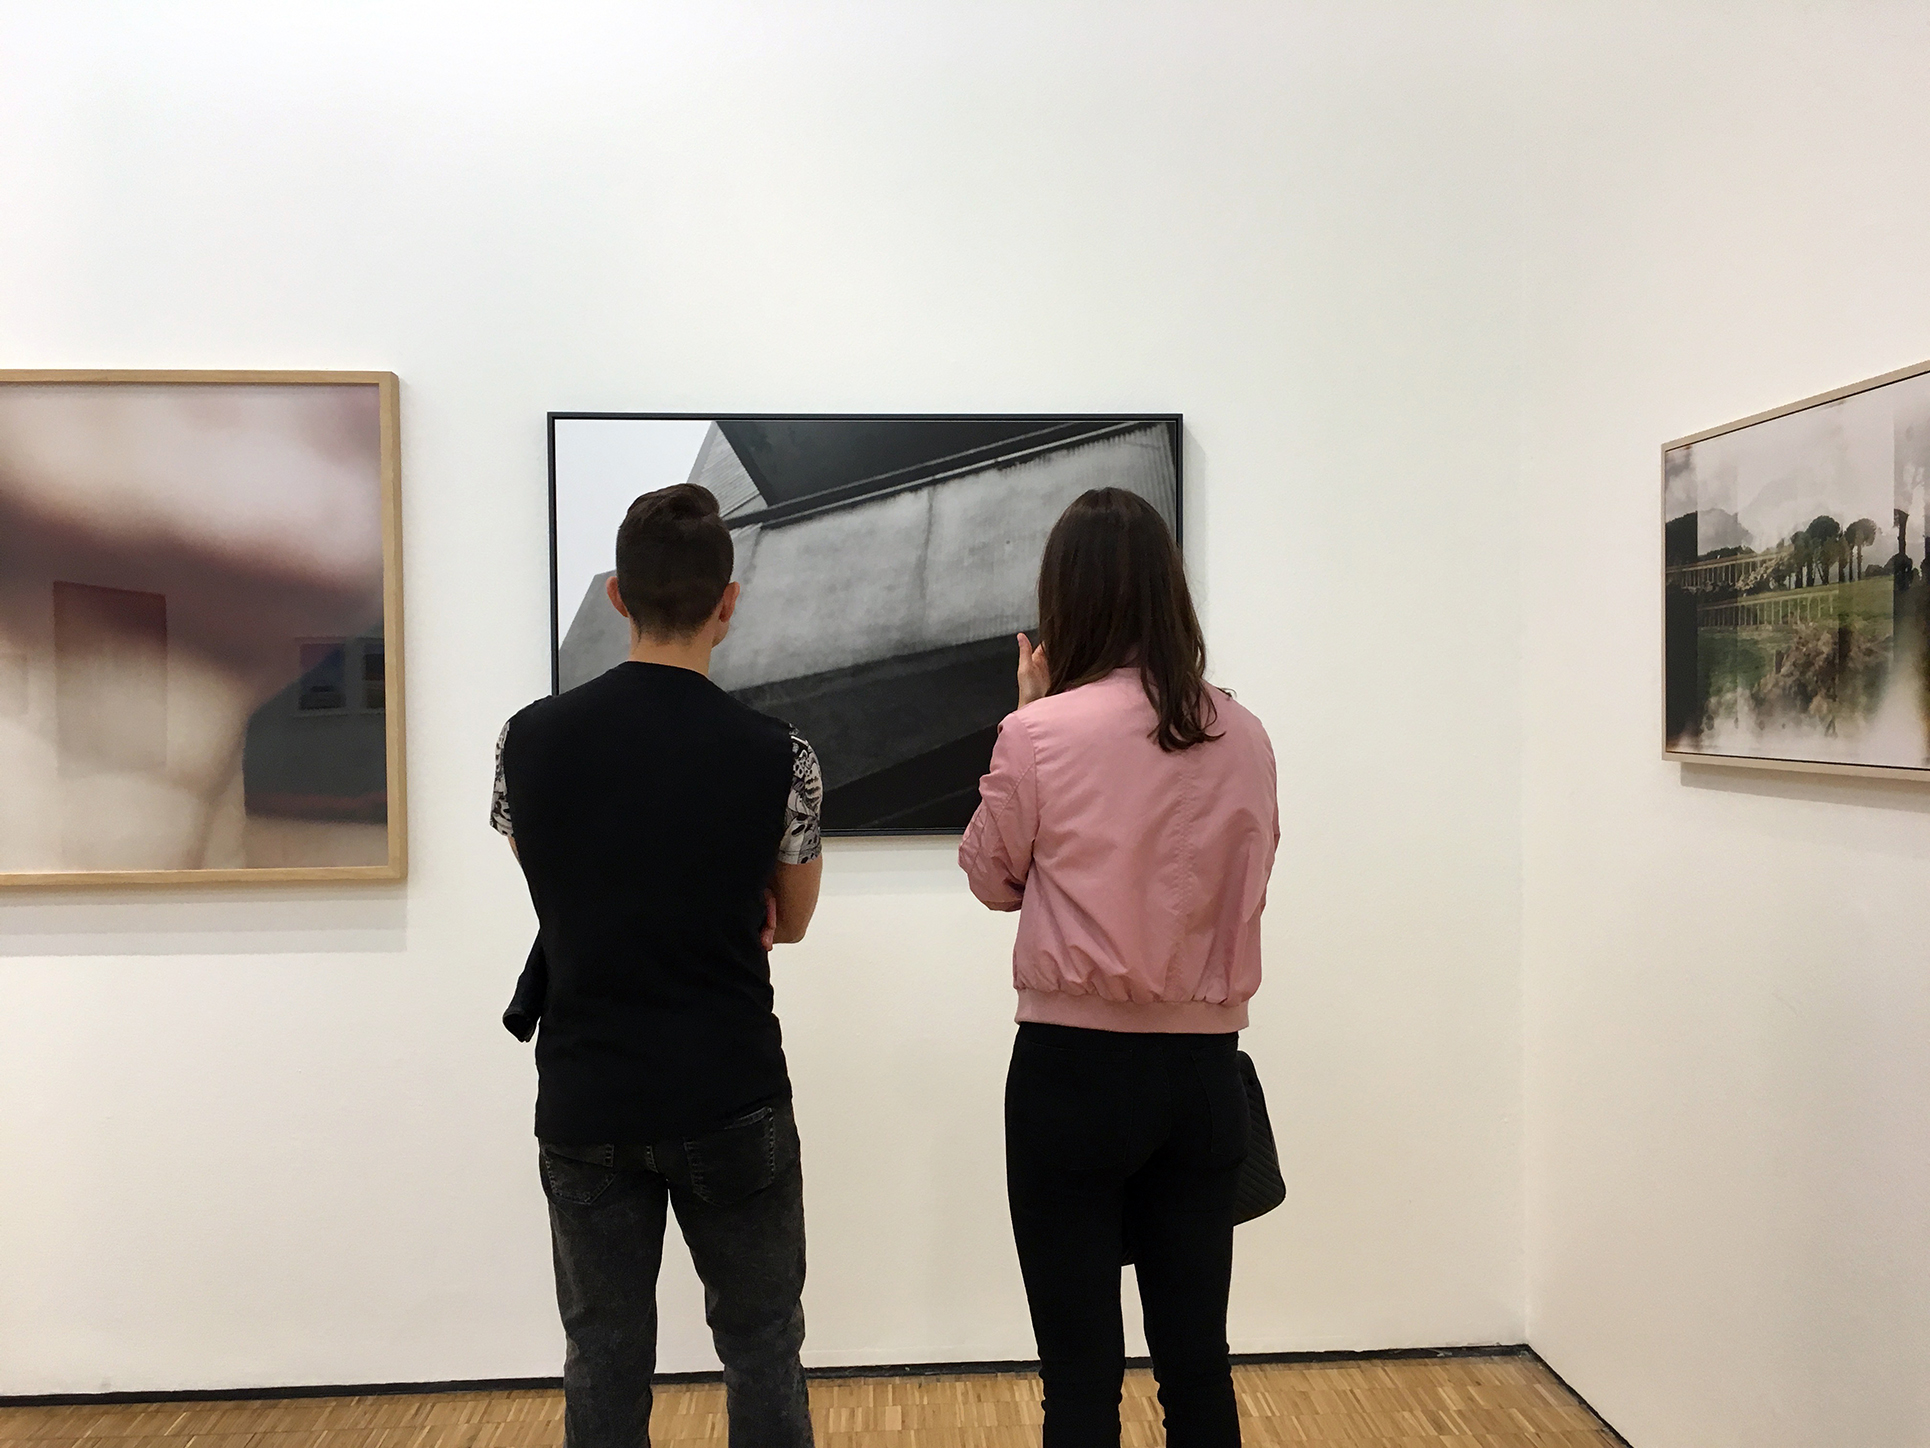 L'altro sguardo, Triennale di Milano, visione della mostra, 2016 (Foto Barbara Fässler)